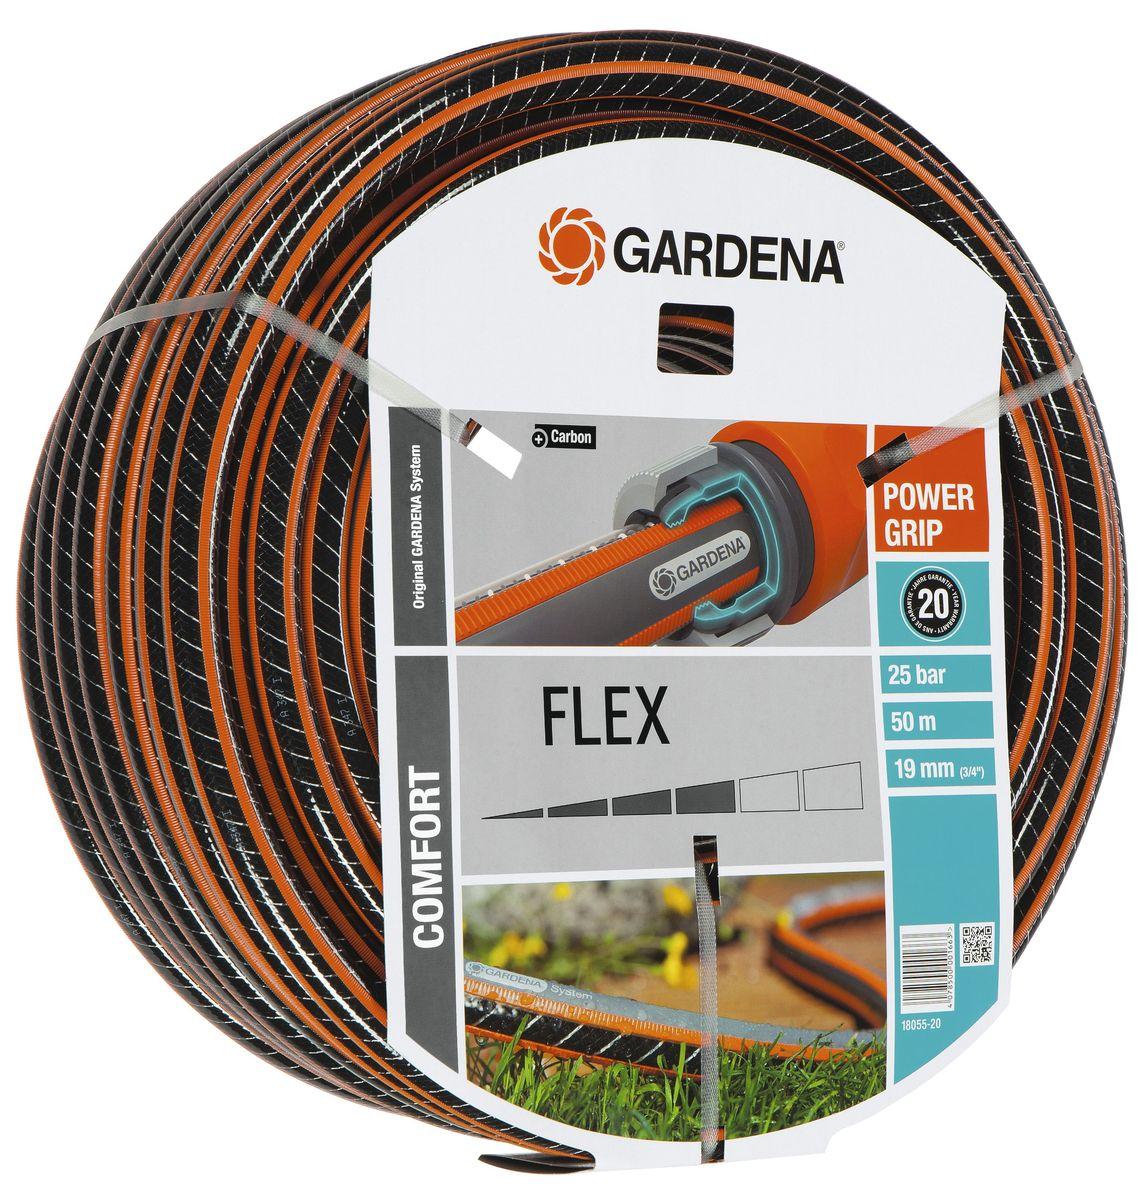 Шланг Flex 9x9 3/4 х 50 м Gardena18055-20.000.00С ребристым профилем Power Grip для идеального соединения с коннекторами Базовой системы полива. Устойчивость к высокому давлению и сохранение формы благодаря спиралевидному текстильному армированию, усиленному углеродом. Не перегибается, не спутывается.